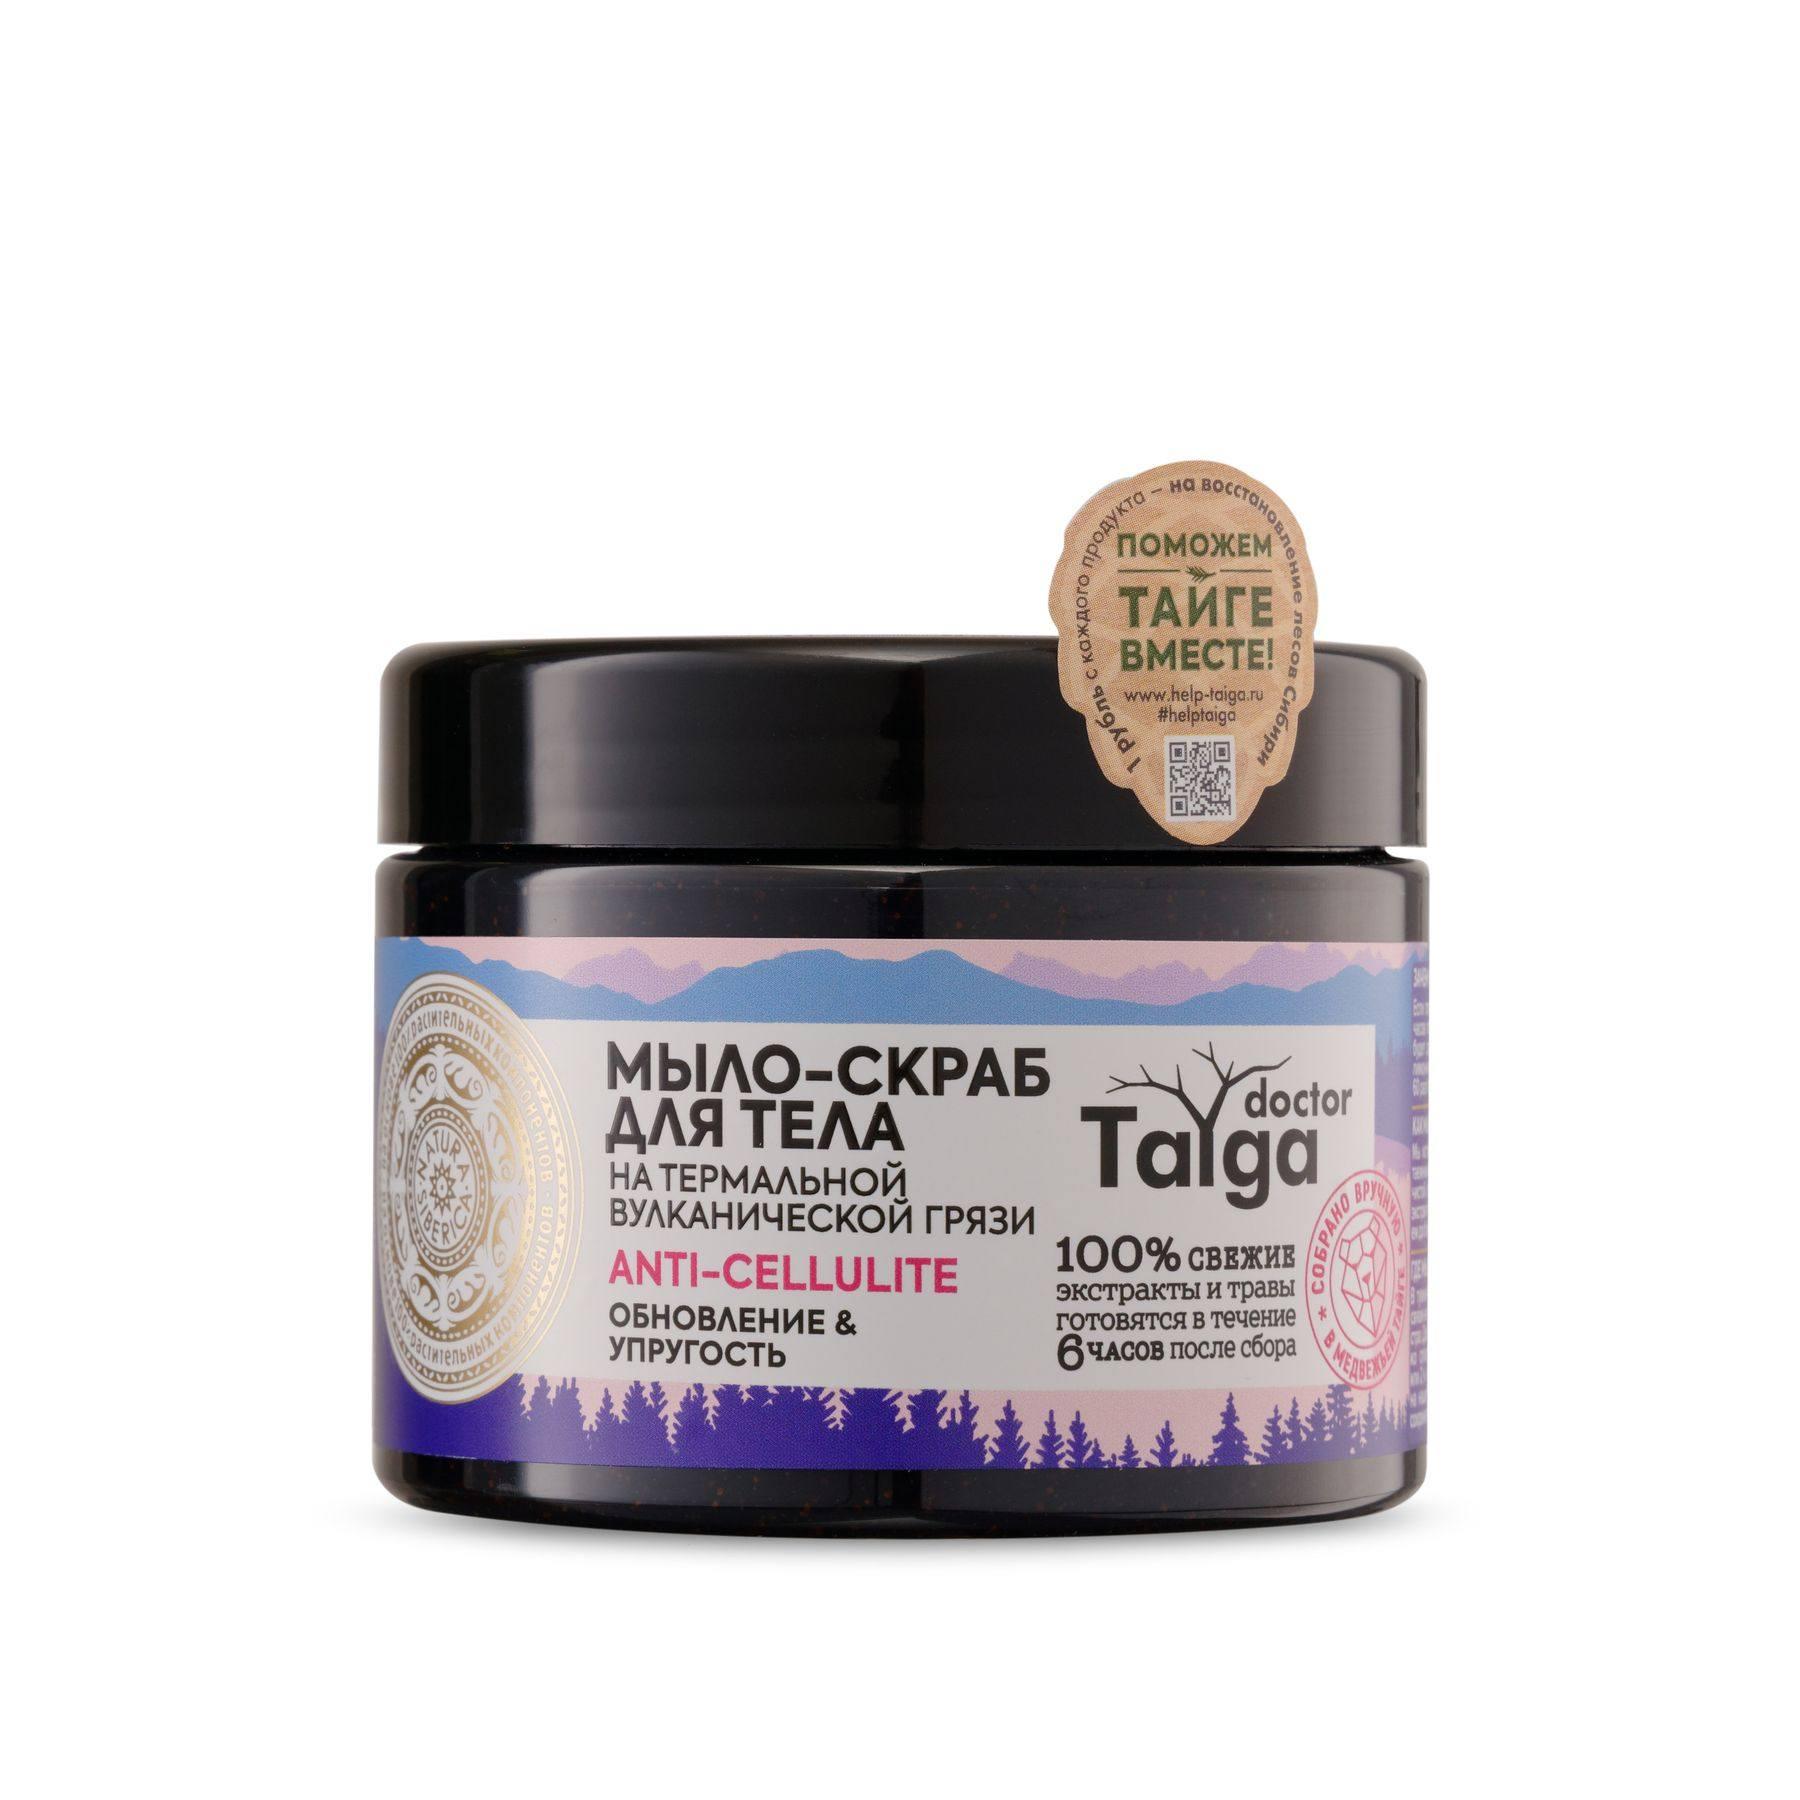 Купить Doctor Taiga Мыло-скраб для тела «Обновление & Упругость», 300 мл, Natura Siberica (shop: Organic-shops Organic shops)